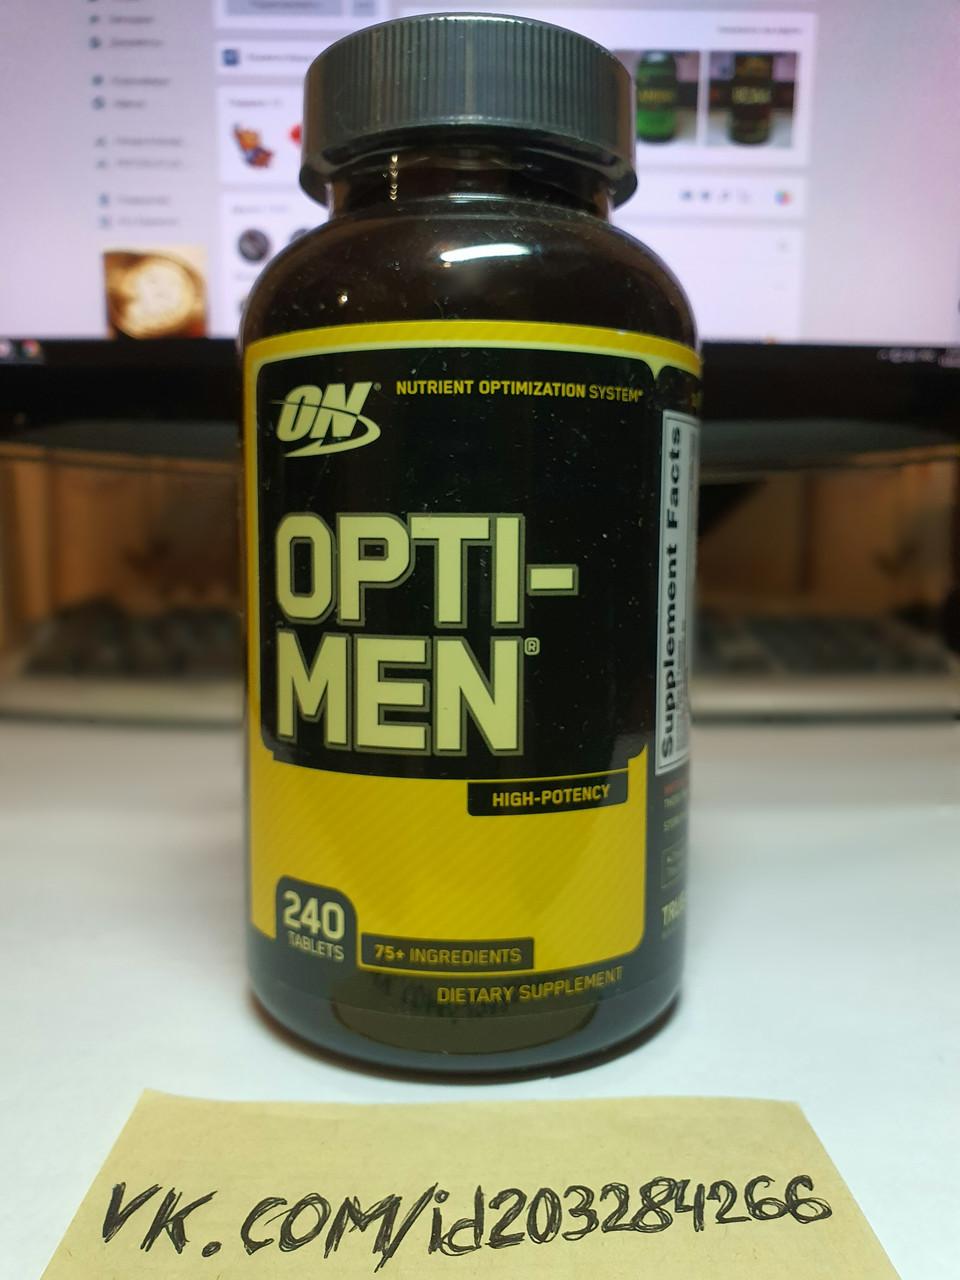 Витамины для мужчин Optimum Nutrition Opti-Men 240 табл оптимум нутришн опти мен